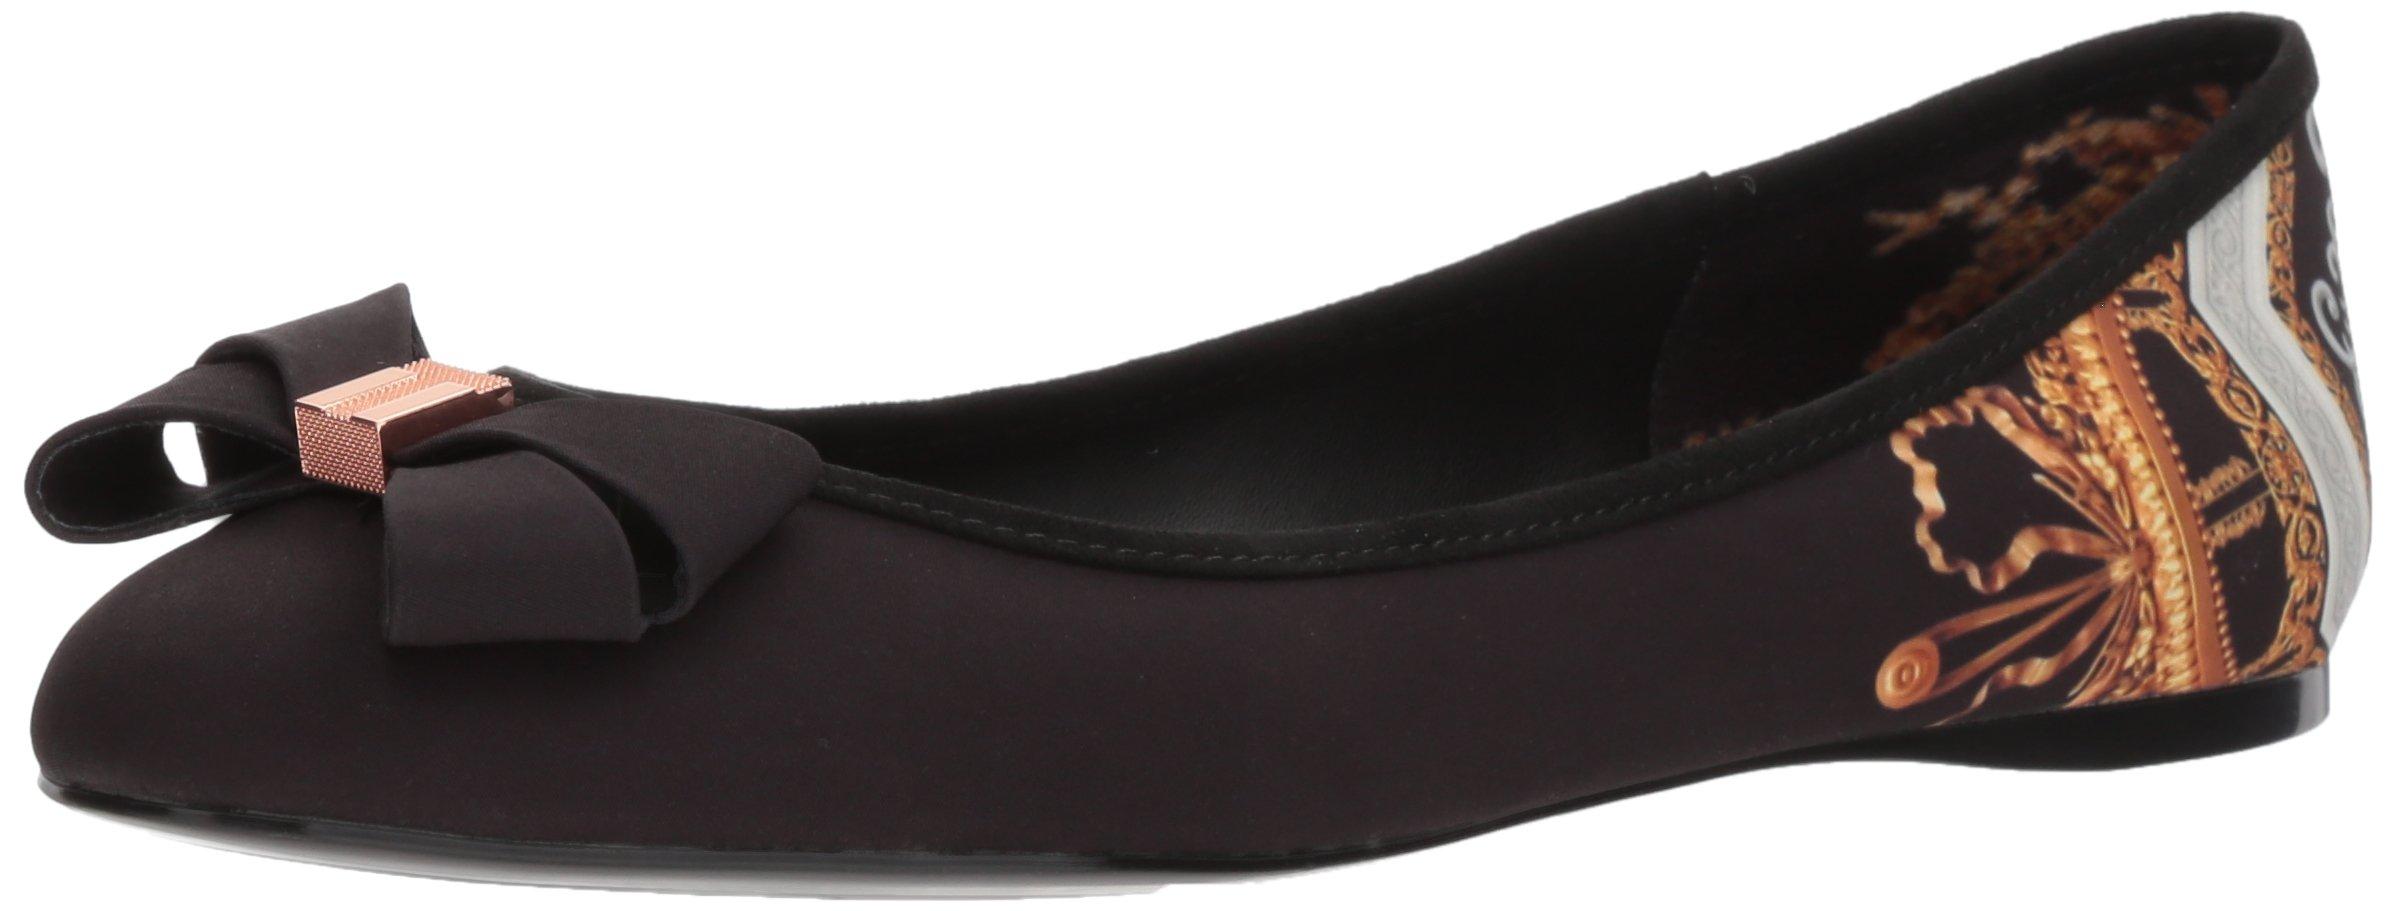 Ted Baker Women's Immet Ballet Shoe, Black Versailles Textile, 6.5 B(M) US